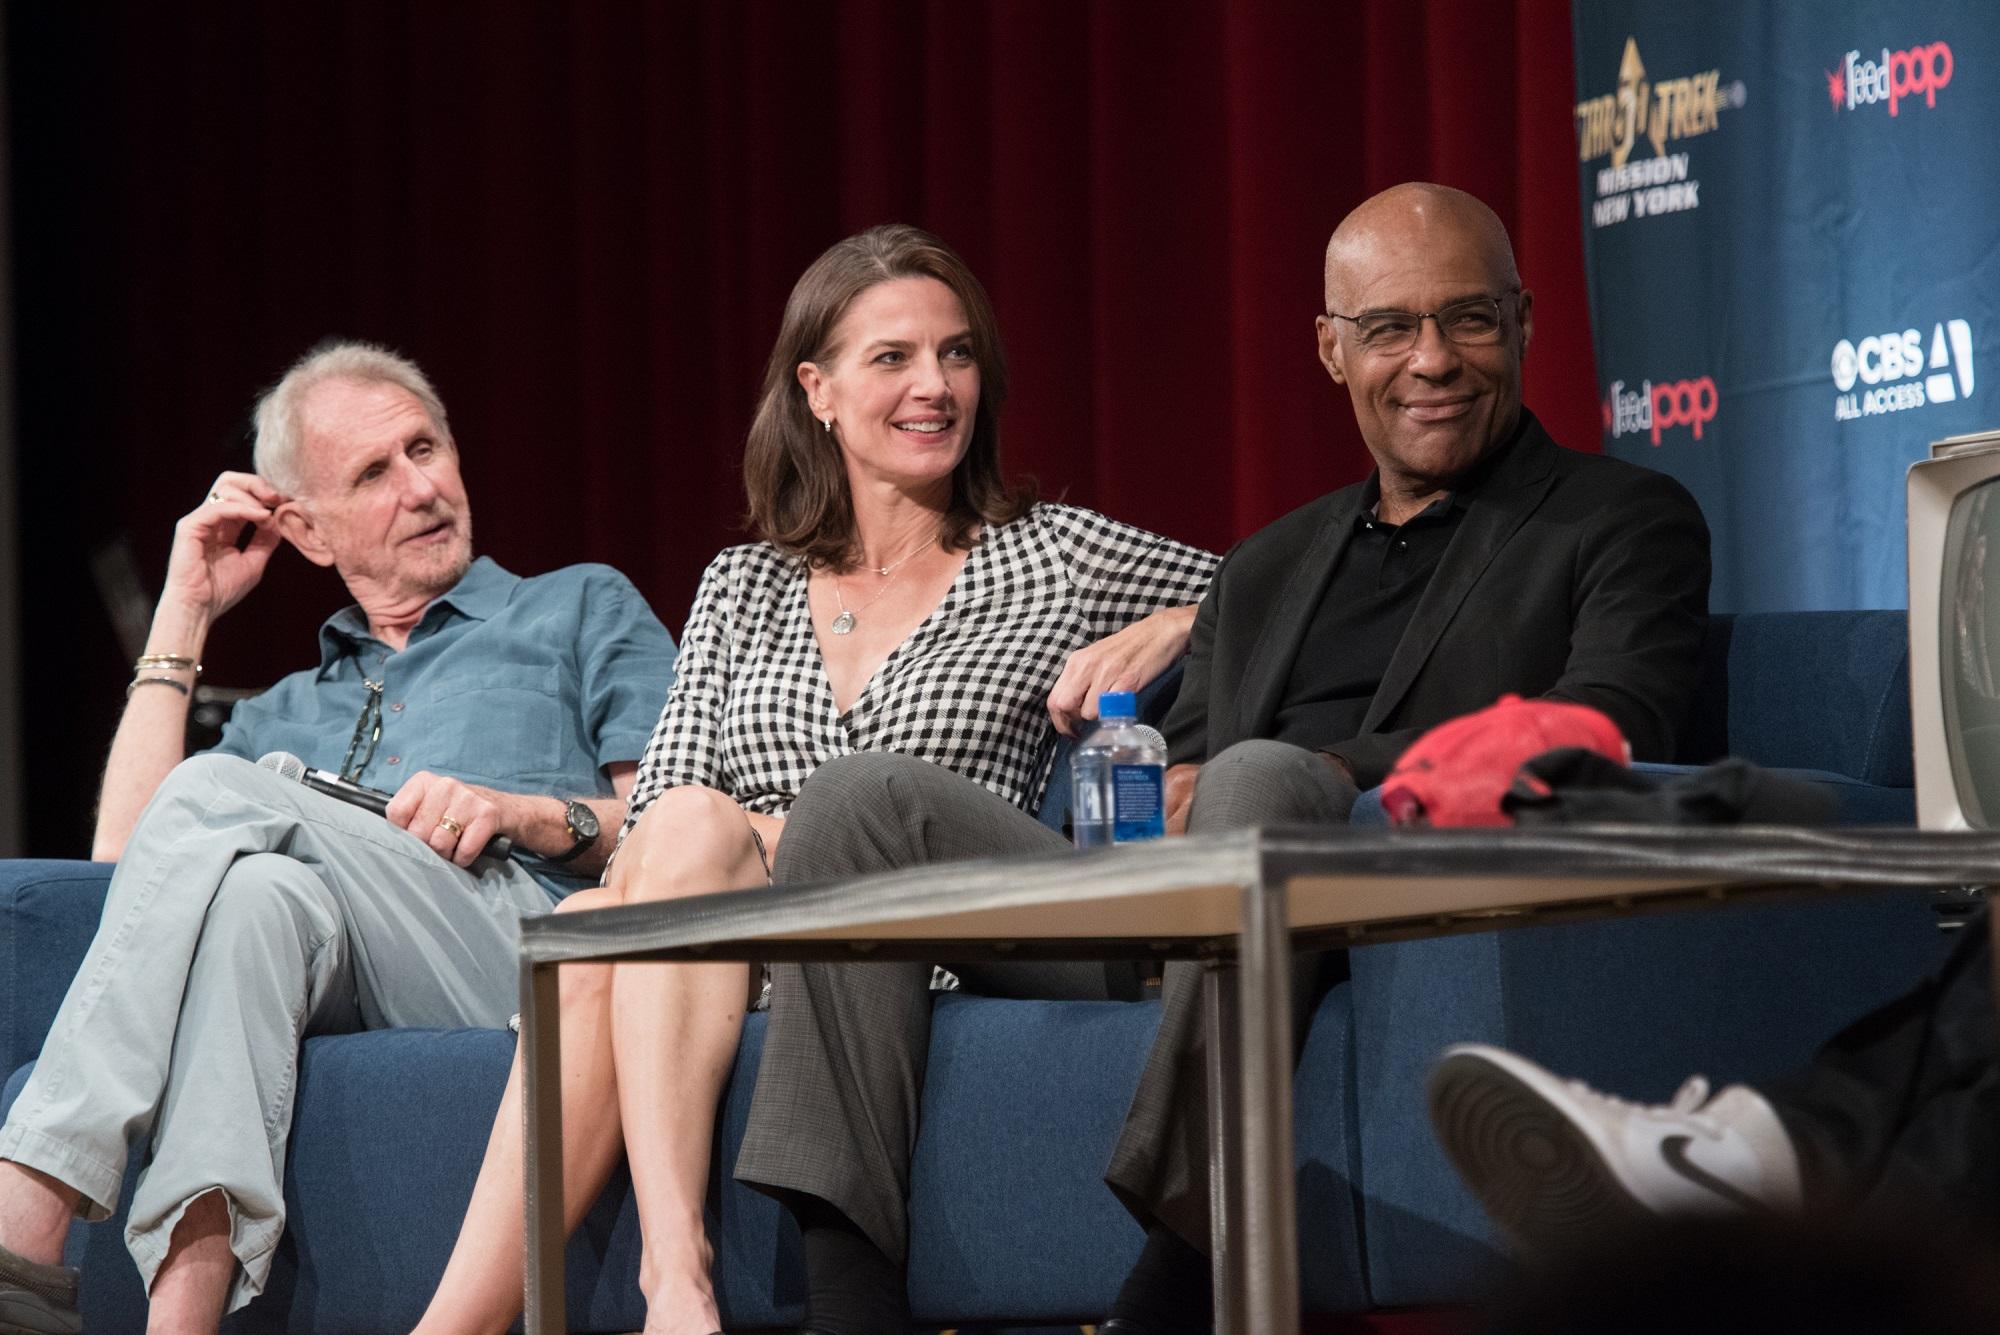 Rene Auberjonois, Terry Farrell and Michael Dorn of Star Trek: DS9